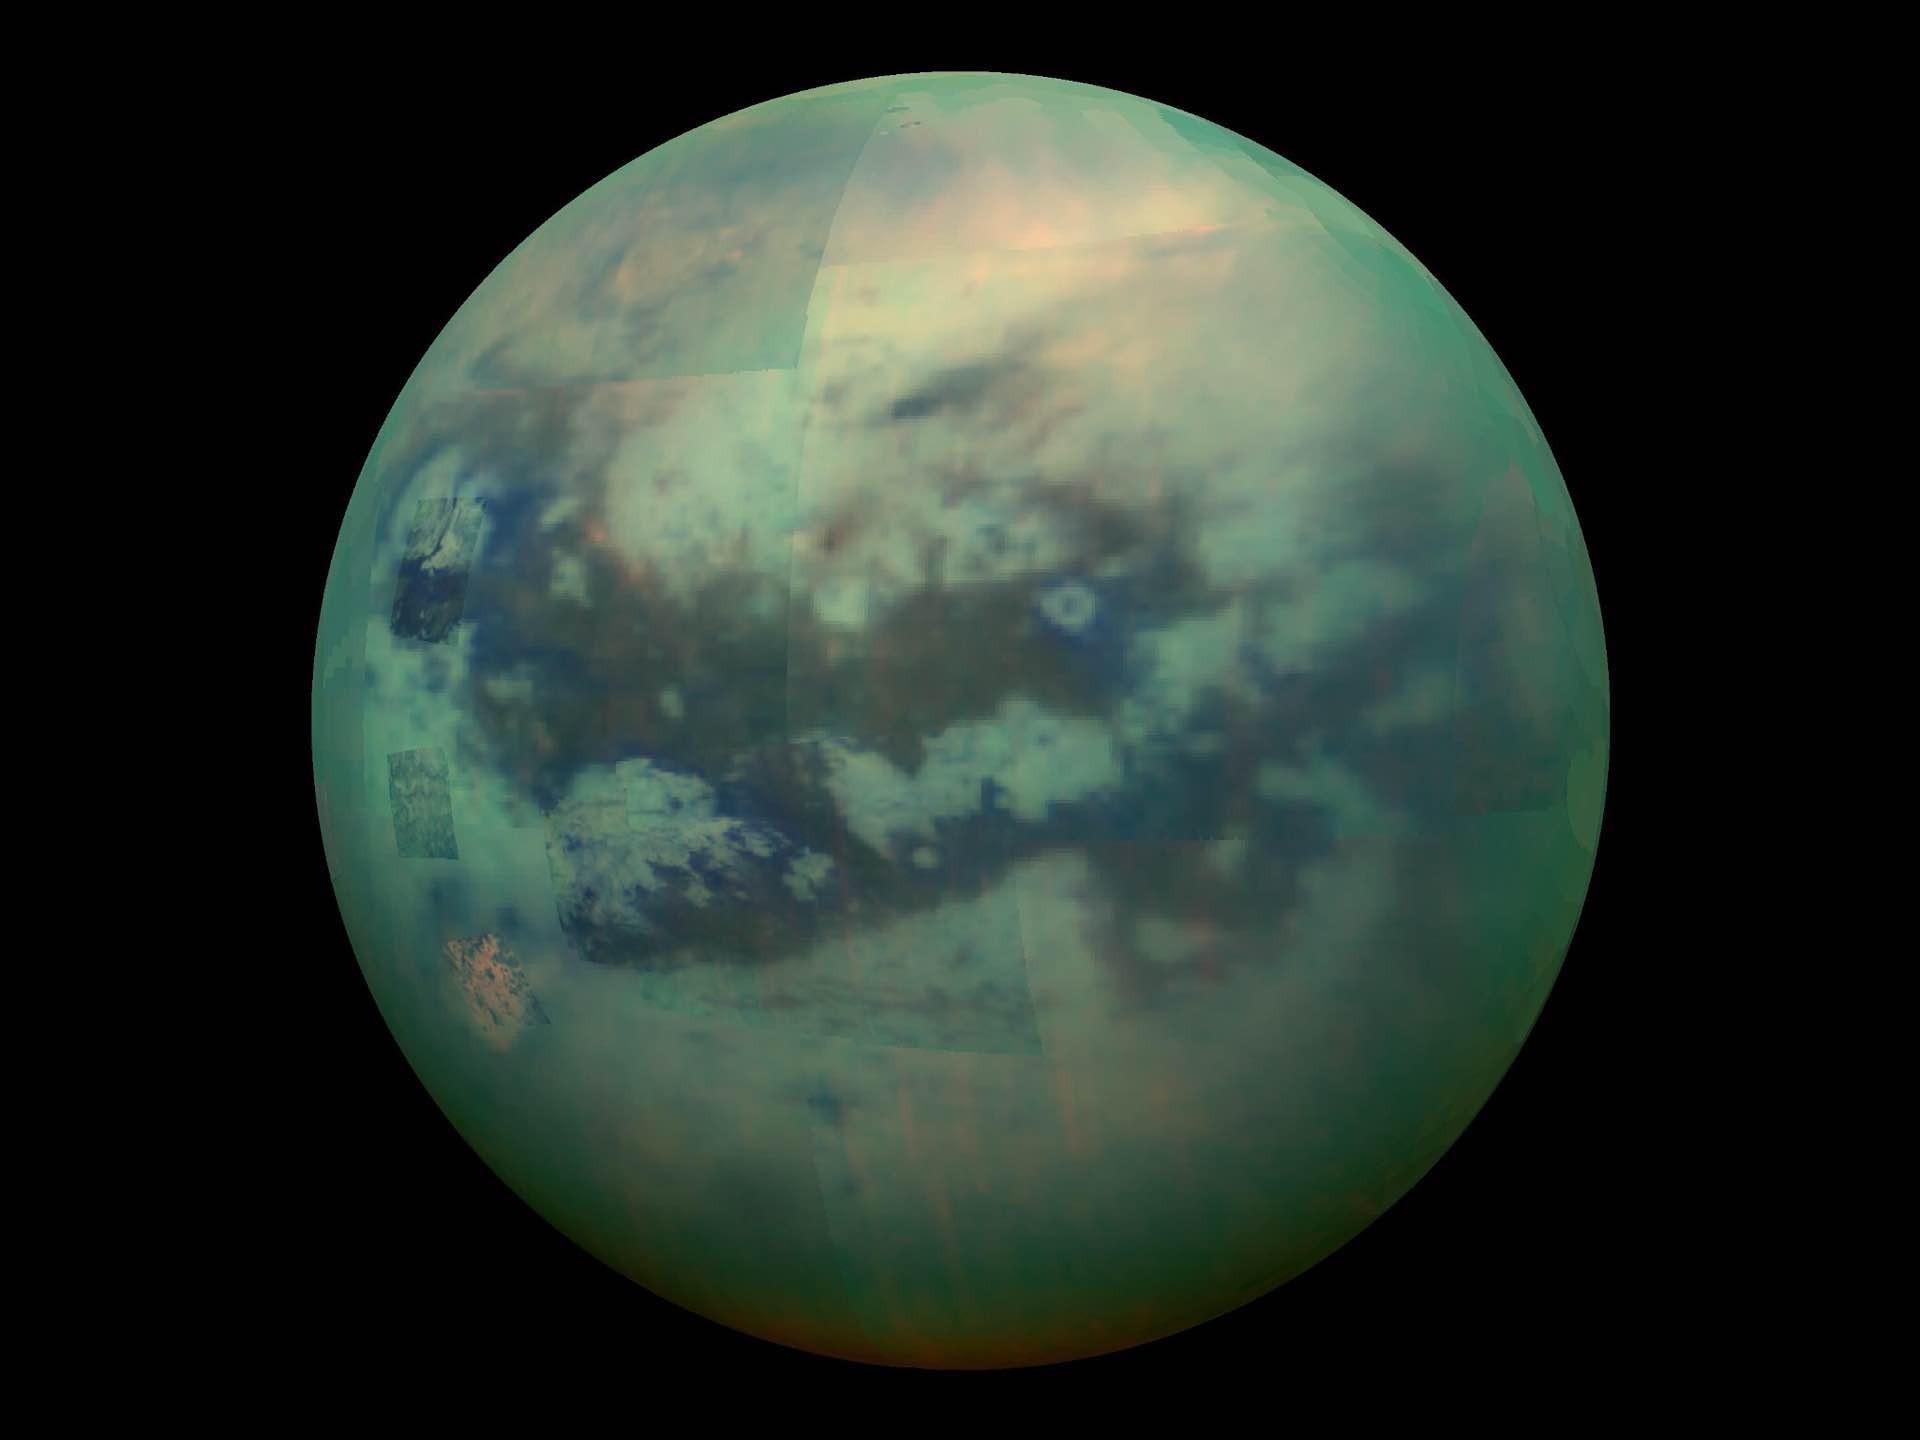 Photo: NASA/JPL/University of Arizona/University of Idaho